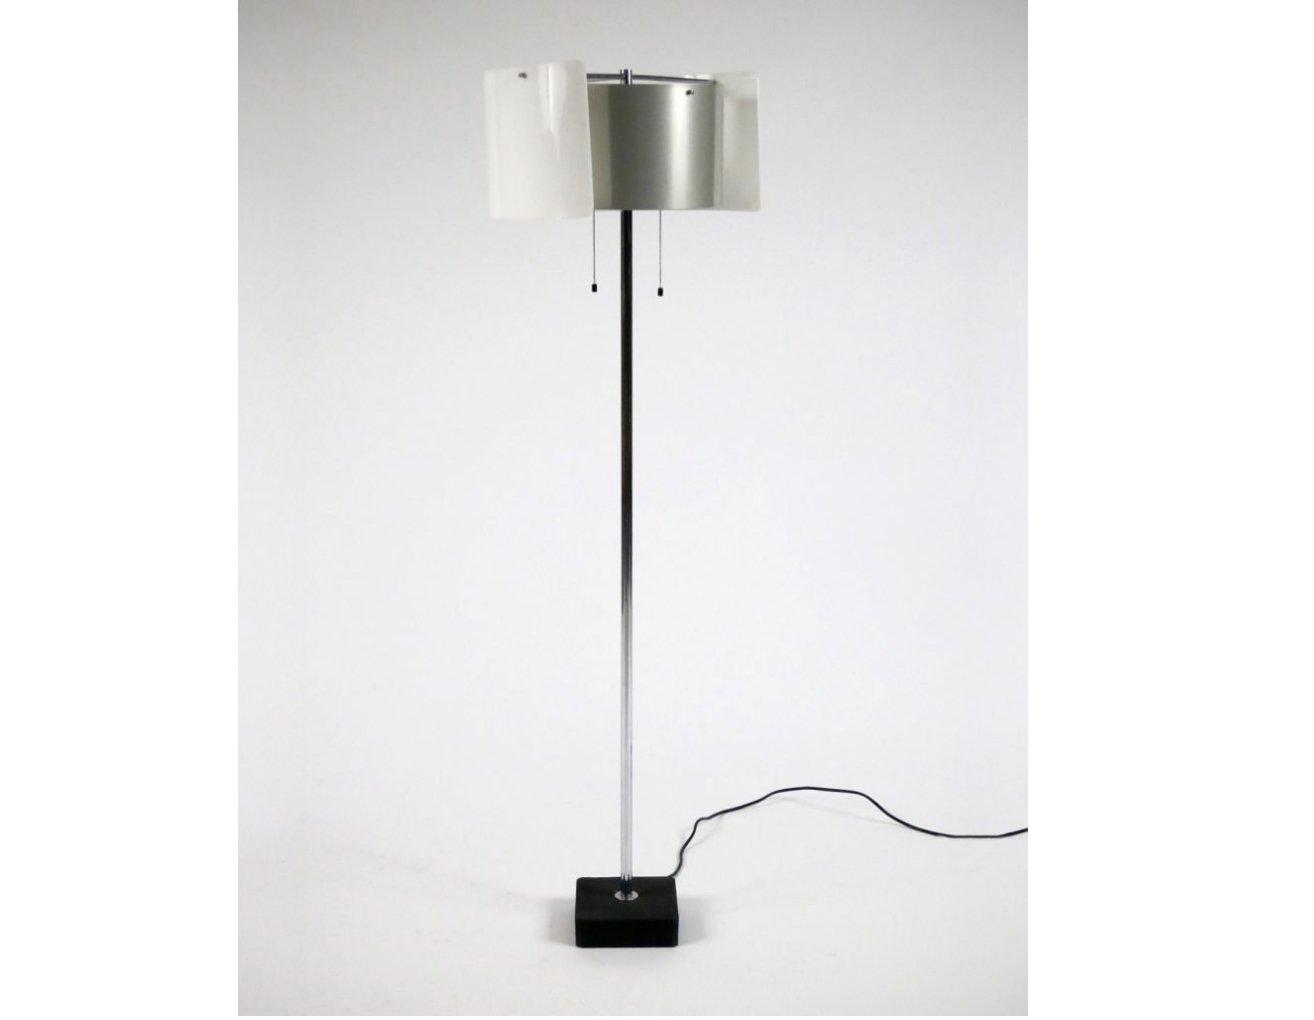 Achille Castiglioni Padina Wall Or Ceiling Lamp Casati Gallery